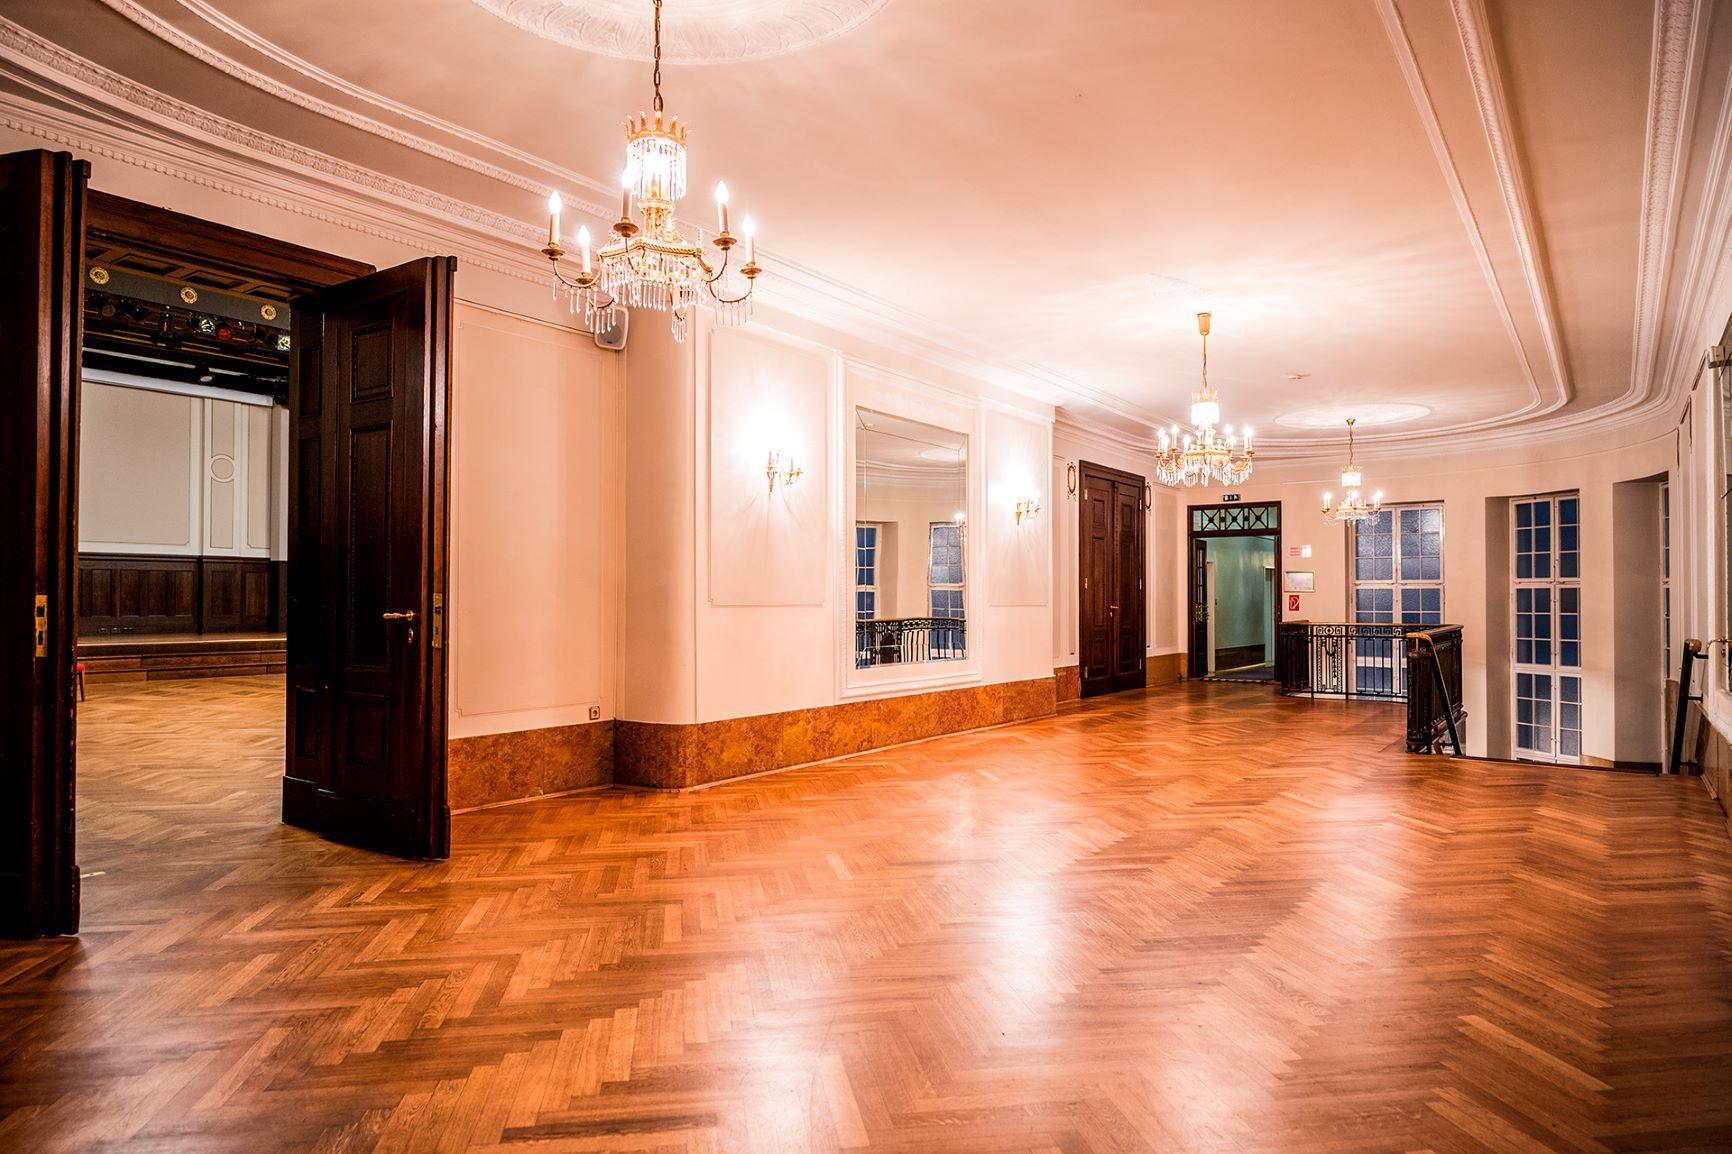 MS_Wandelhalle1©BESLKugler Meistersaal